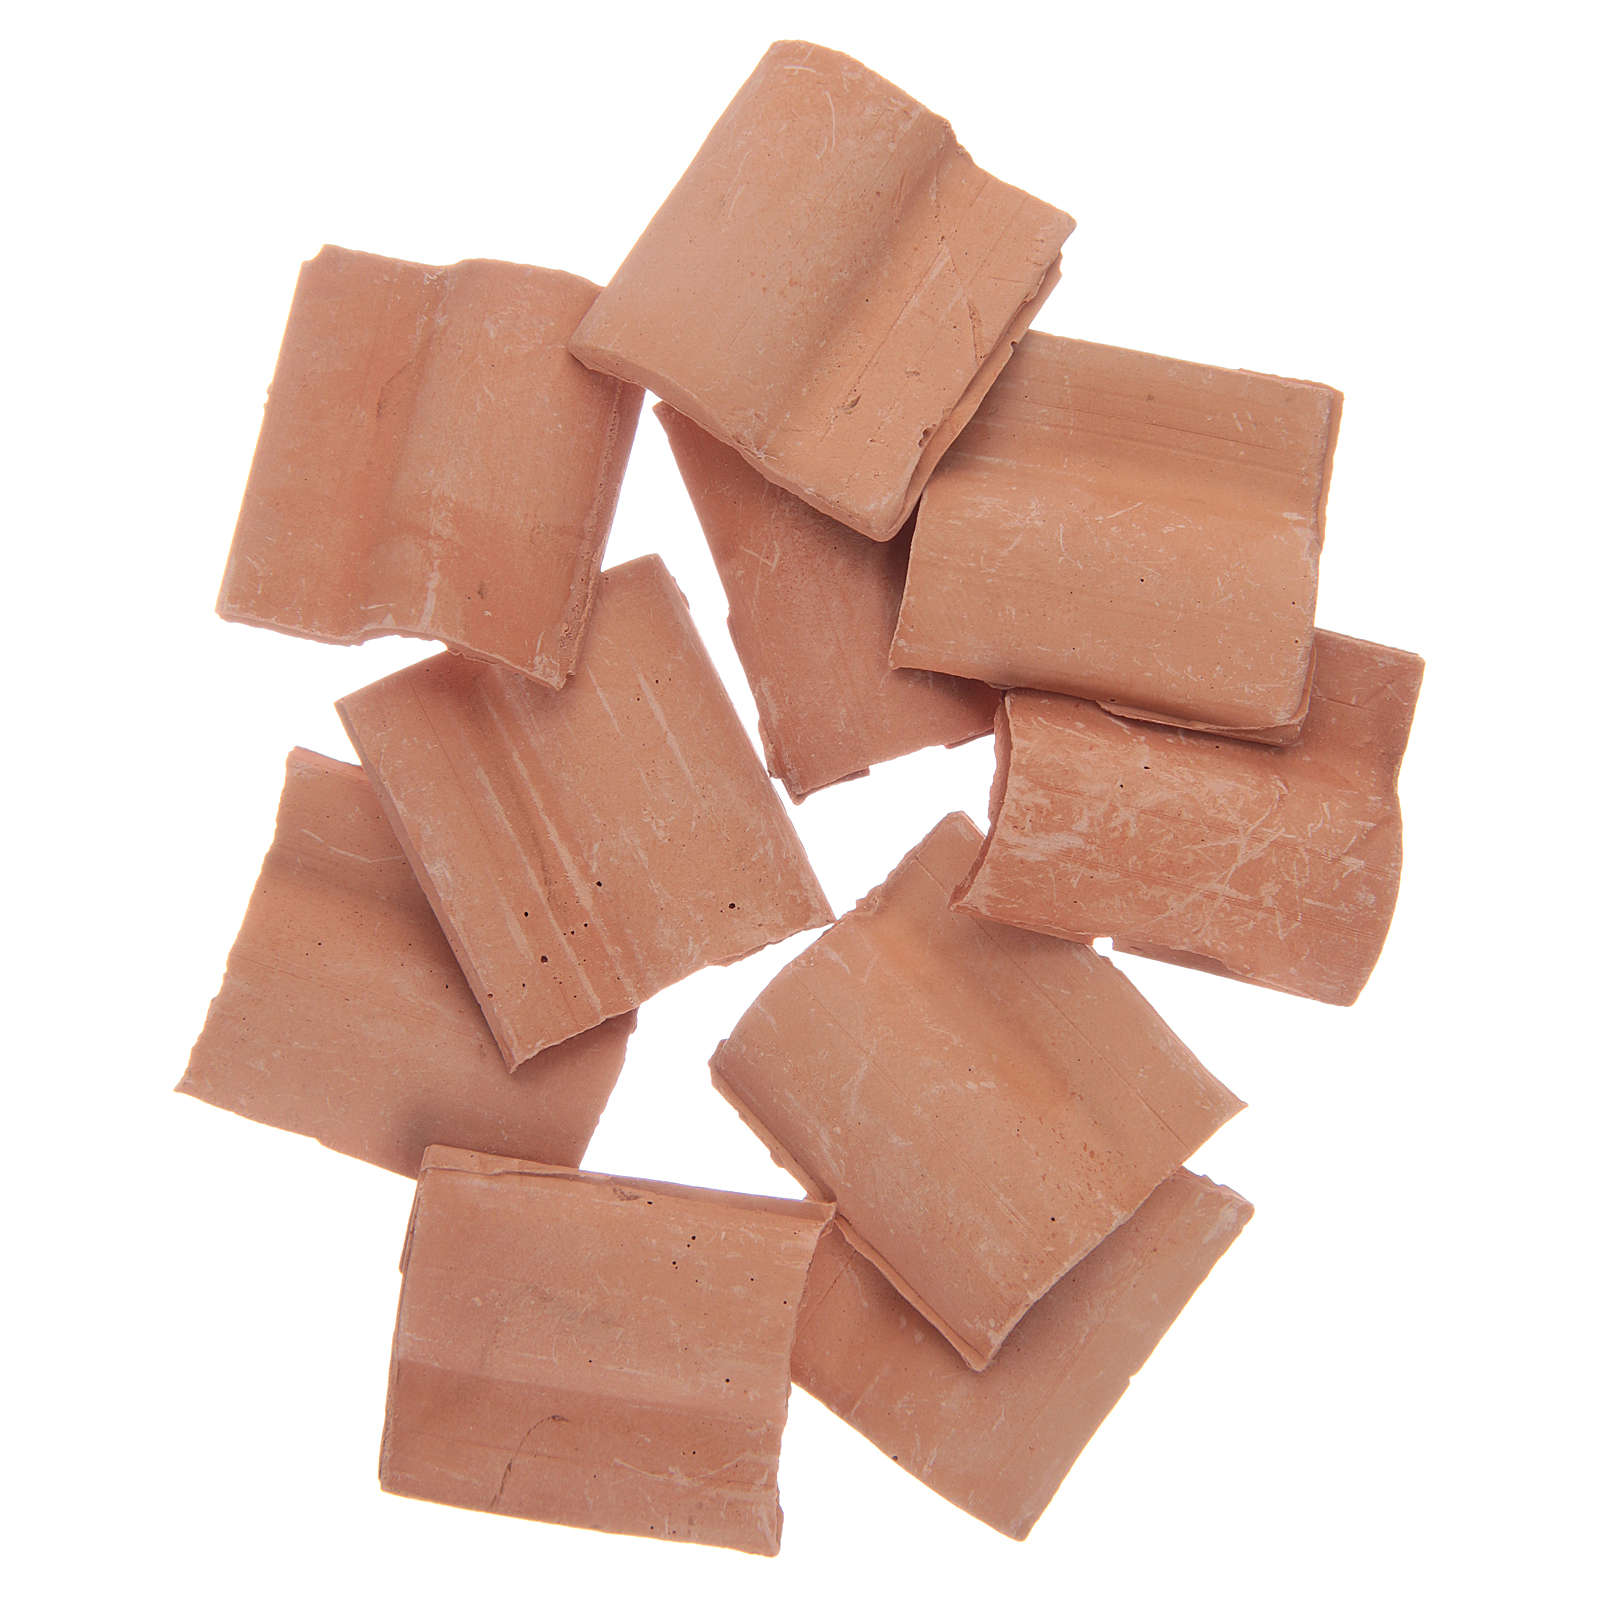 Roman resin tile terracotta colour 10 pieces 4